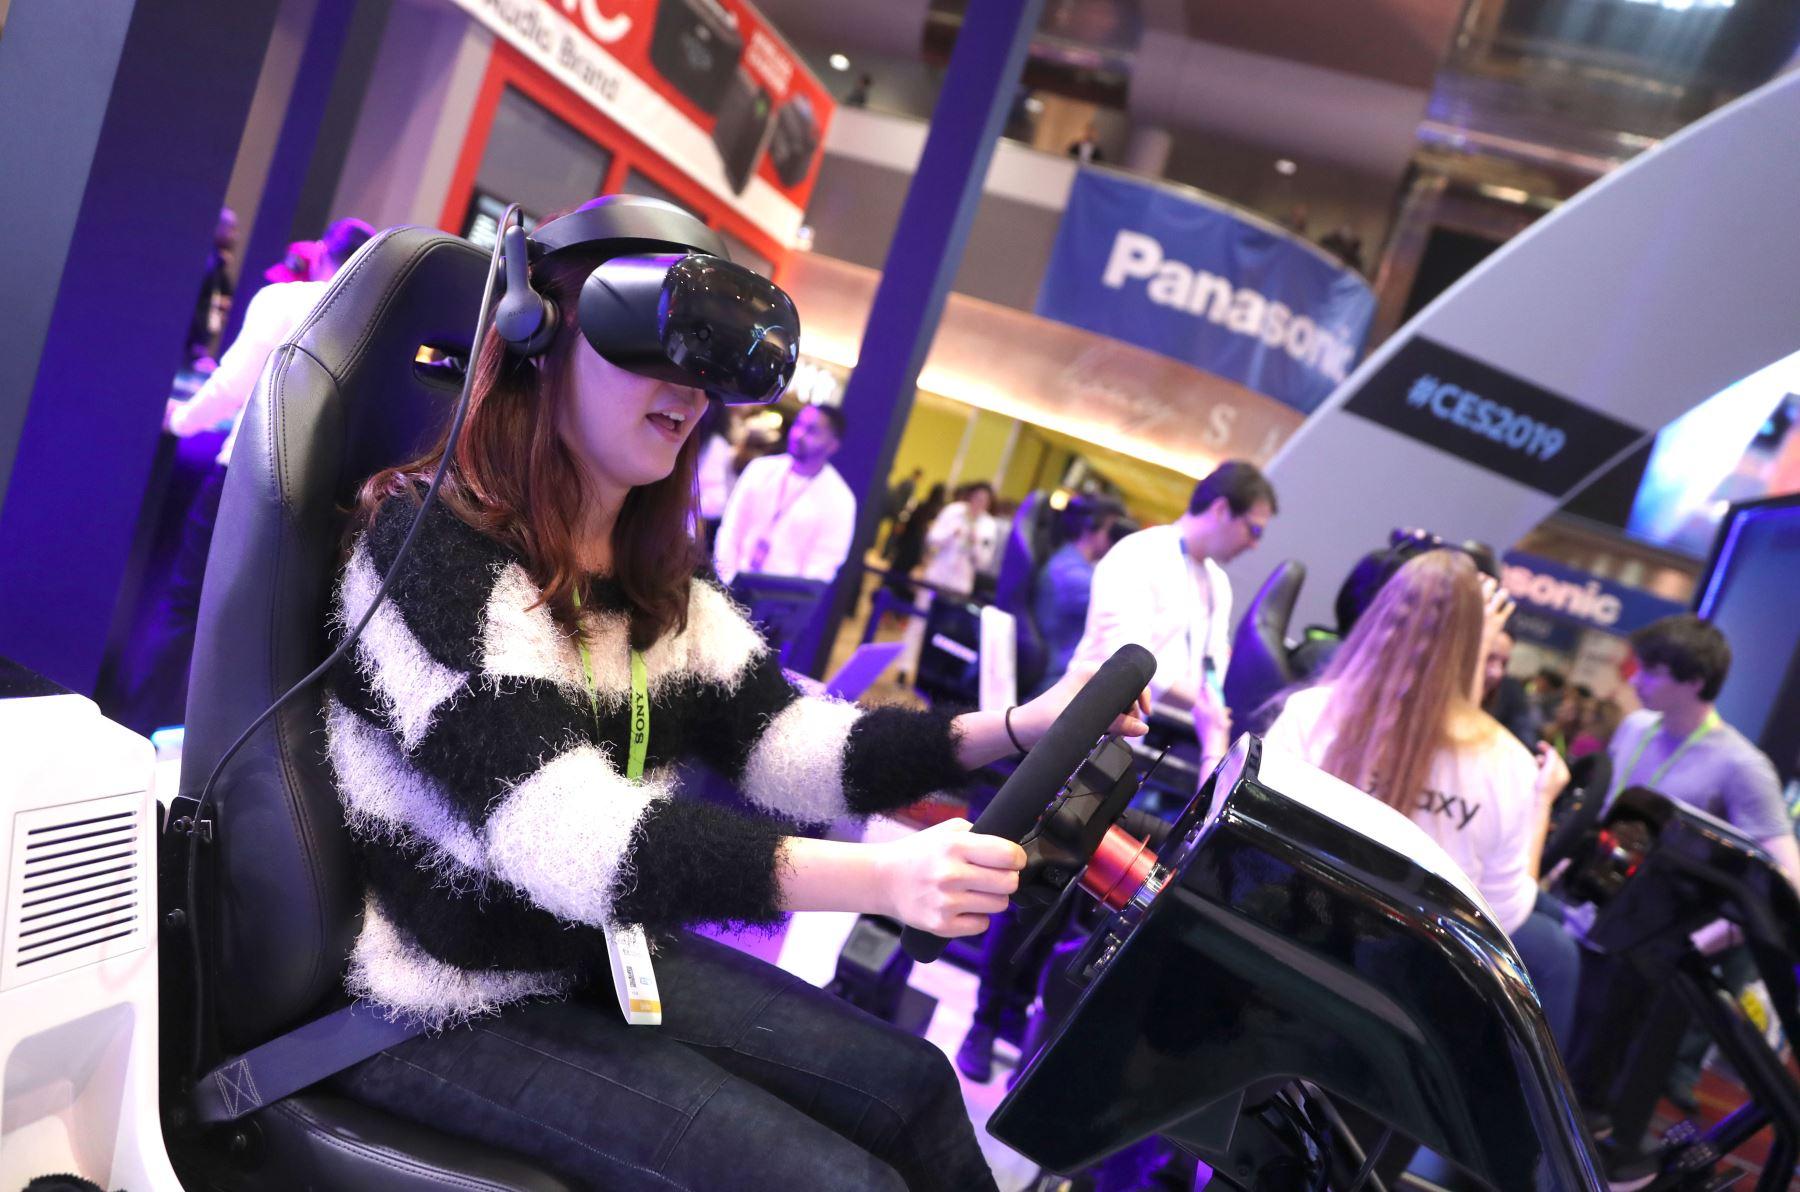 Un asistente juega un juego de carreras de realidad virtual en el stand de Samsung Galaxy Experience Zone durante el CES 2019. AFP